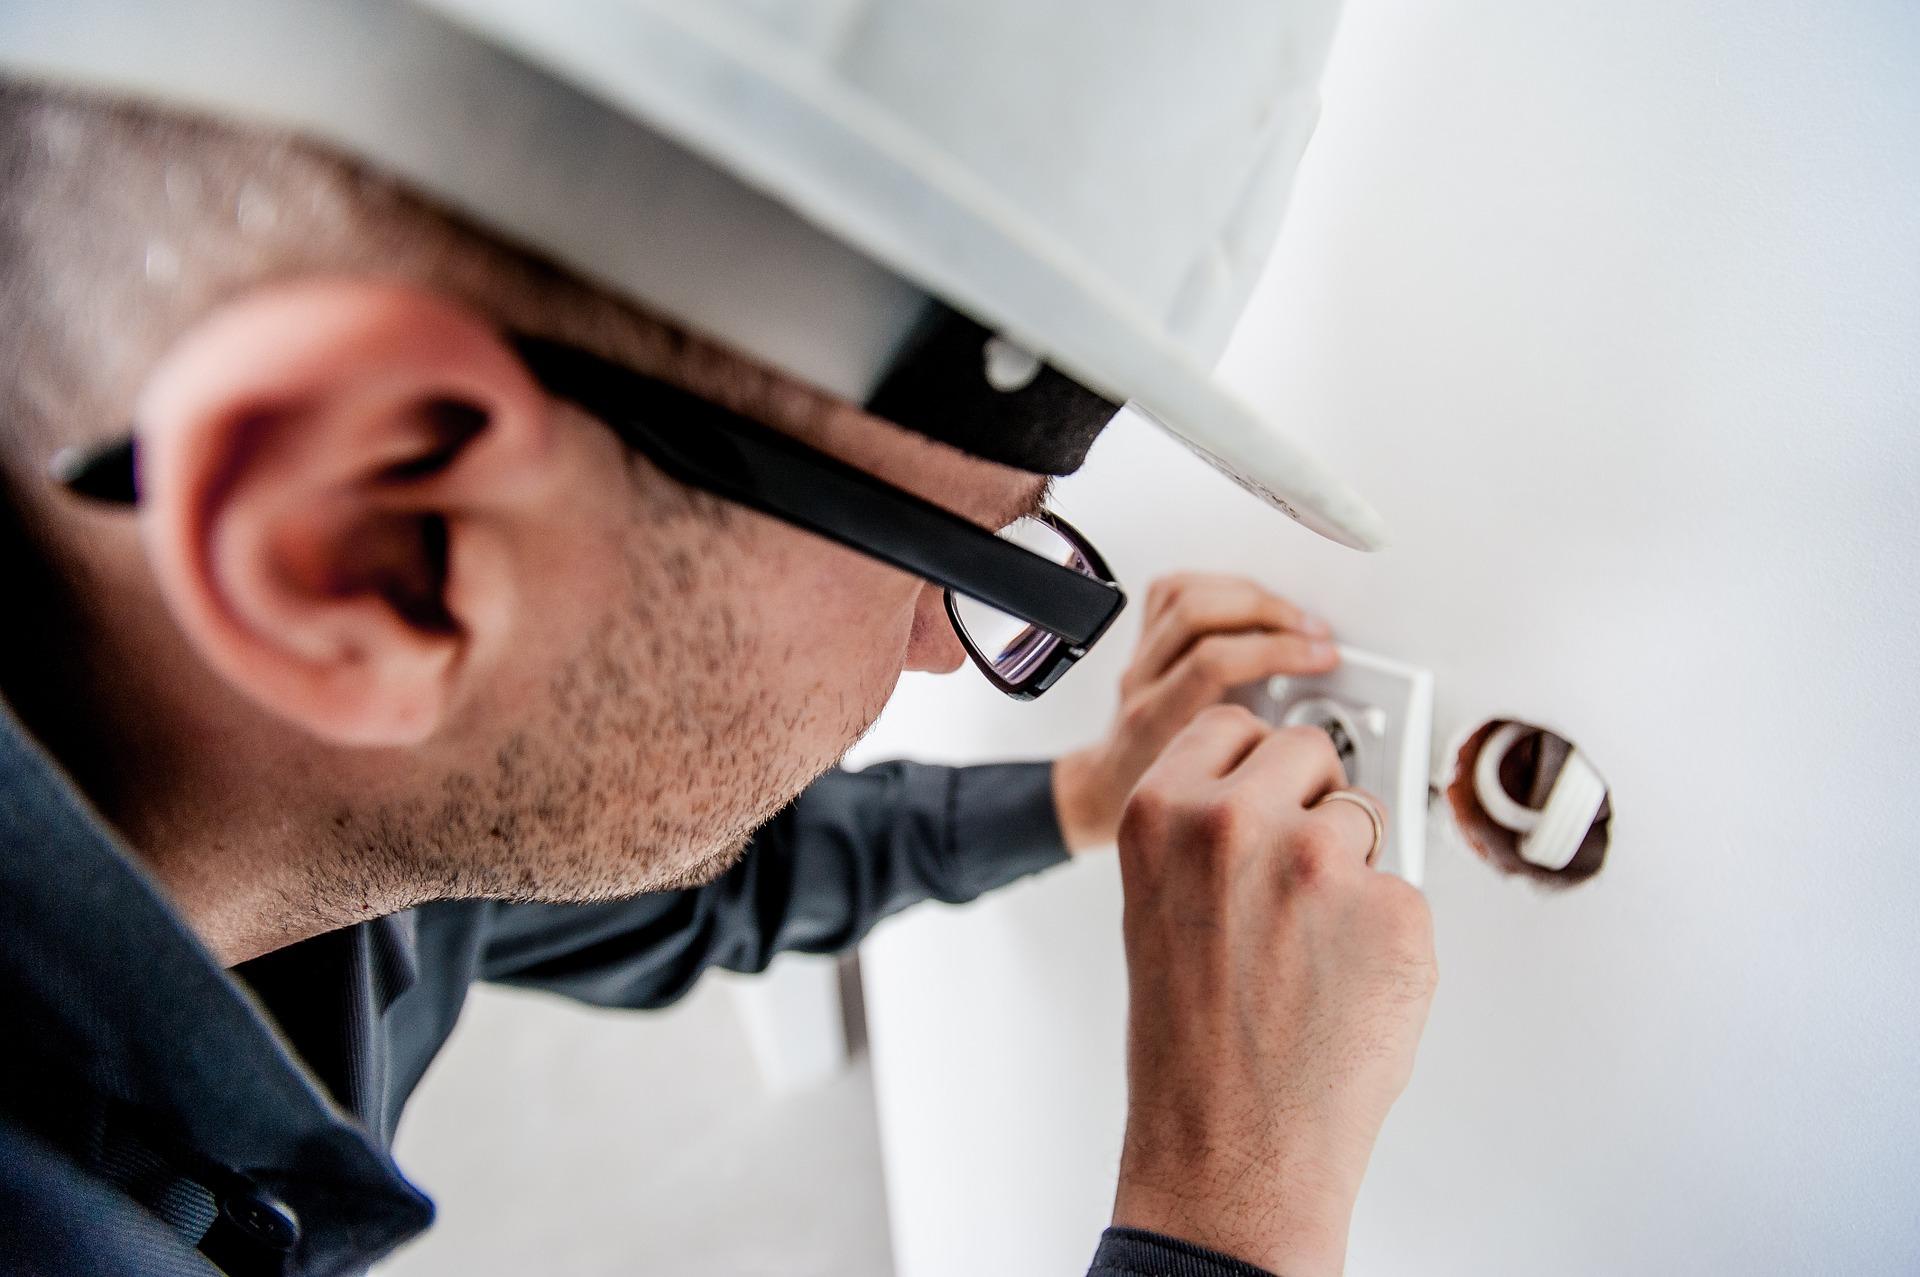 Elektriker installerar jordfelsbrytare